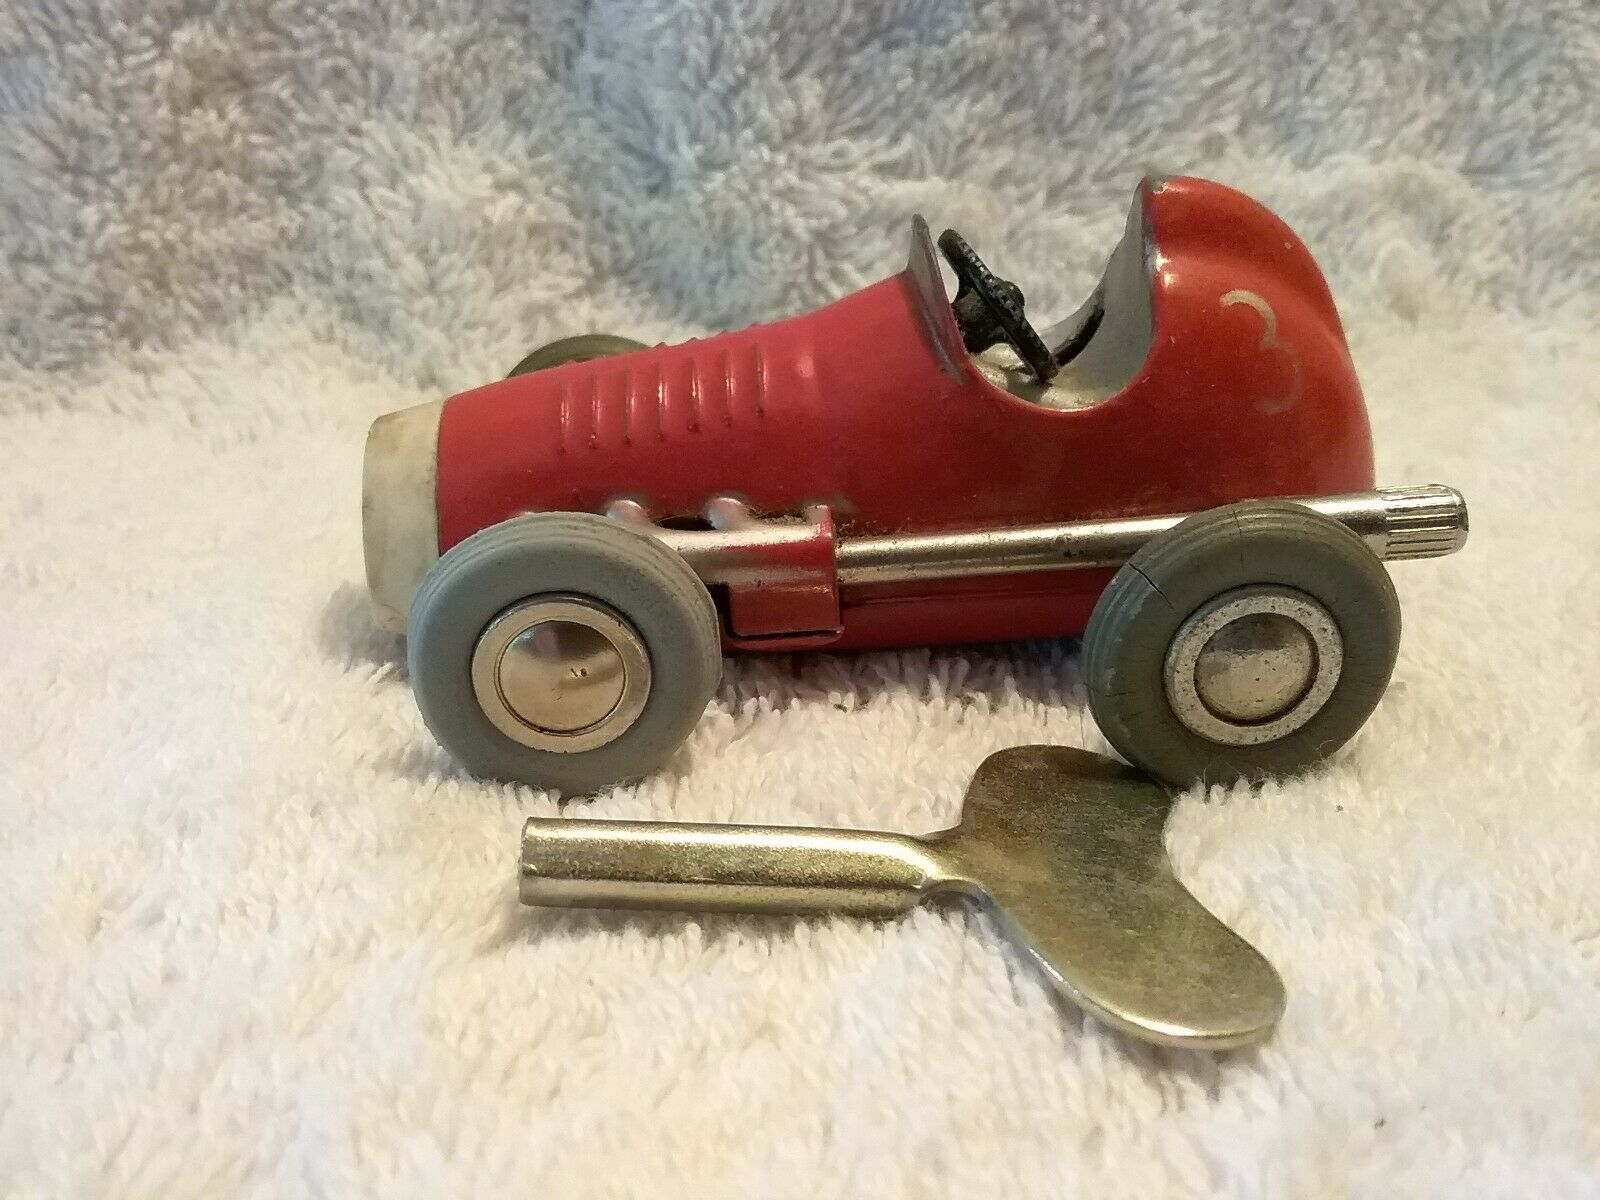 Vintage 1042 Schuco Micro Racer de relojería con llave de repuesto Alemania Occidental